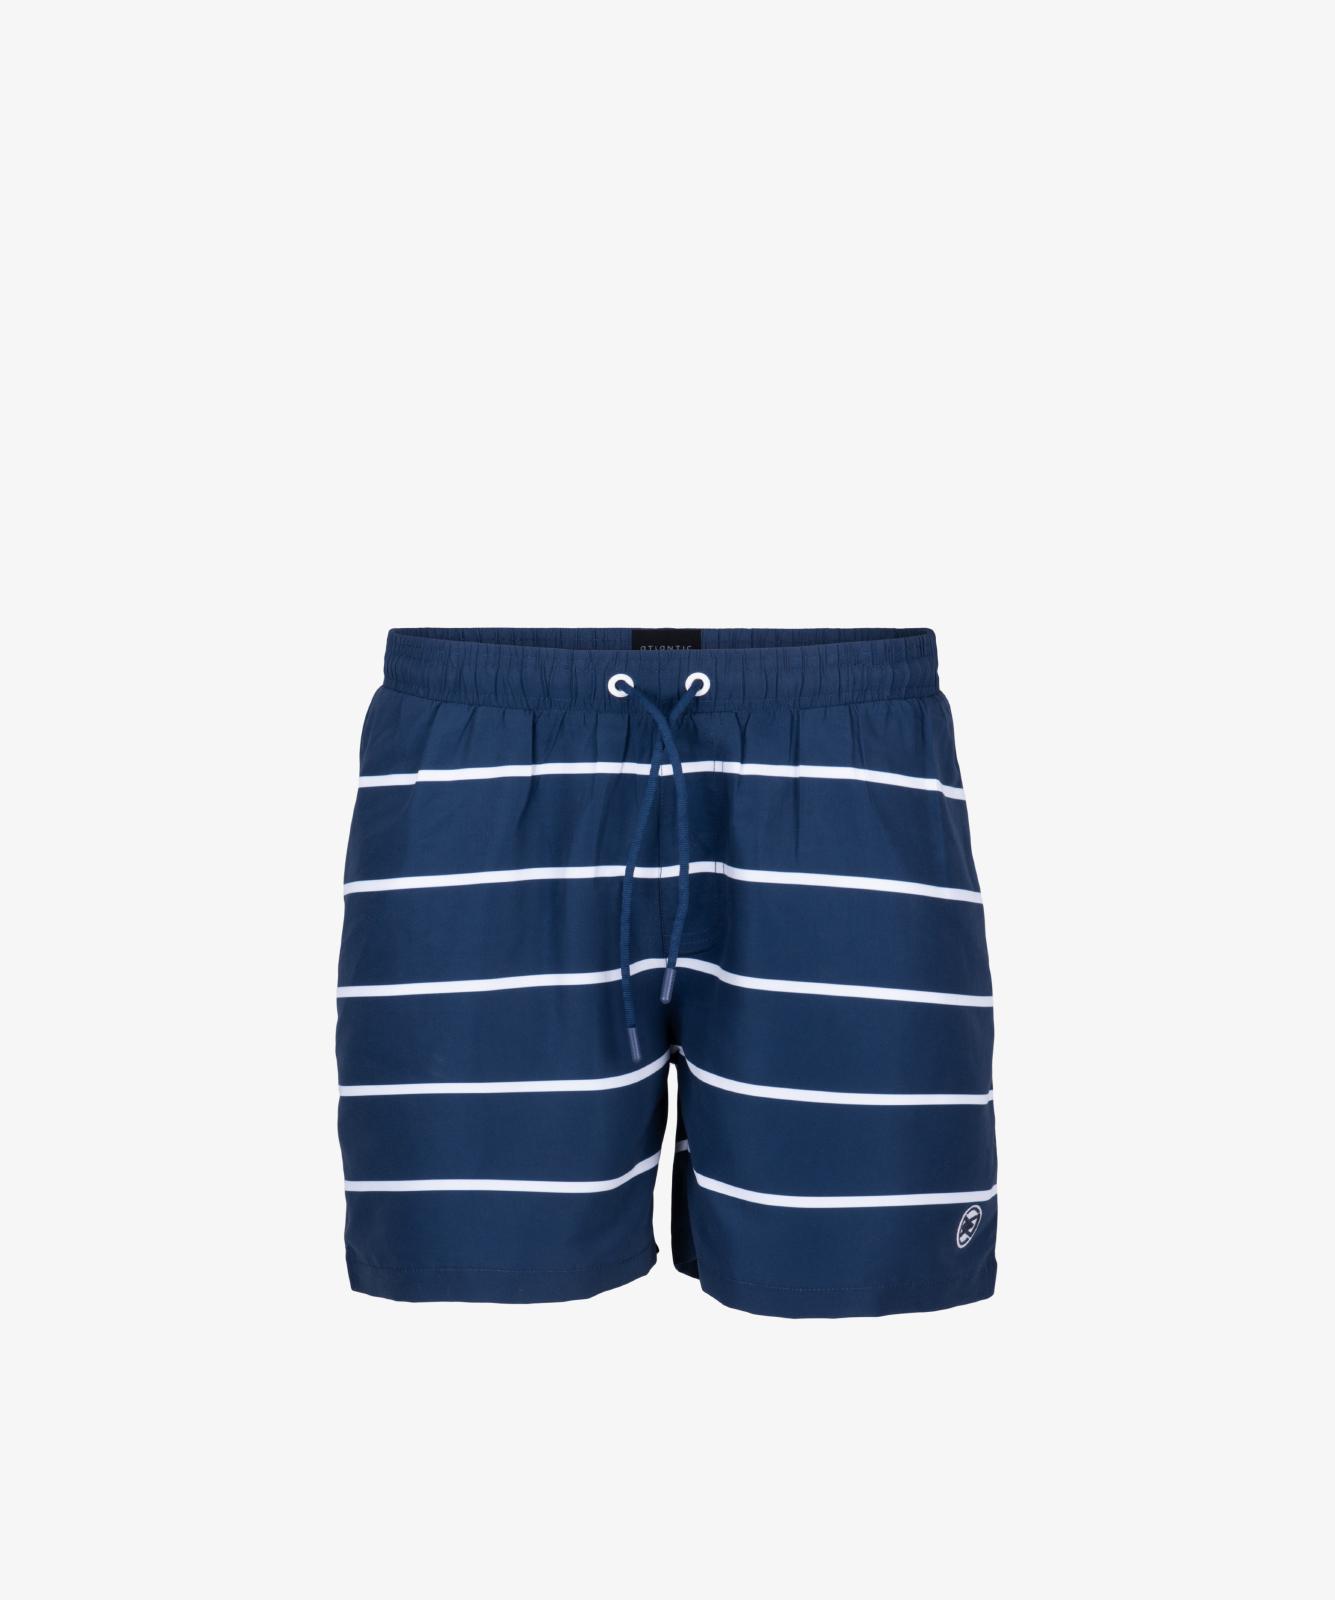 Пляжные шорты мужские Atlantic, 1 шт. в уп., полиэстер, темно-синие, KMB-191